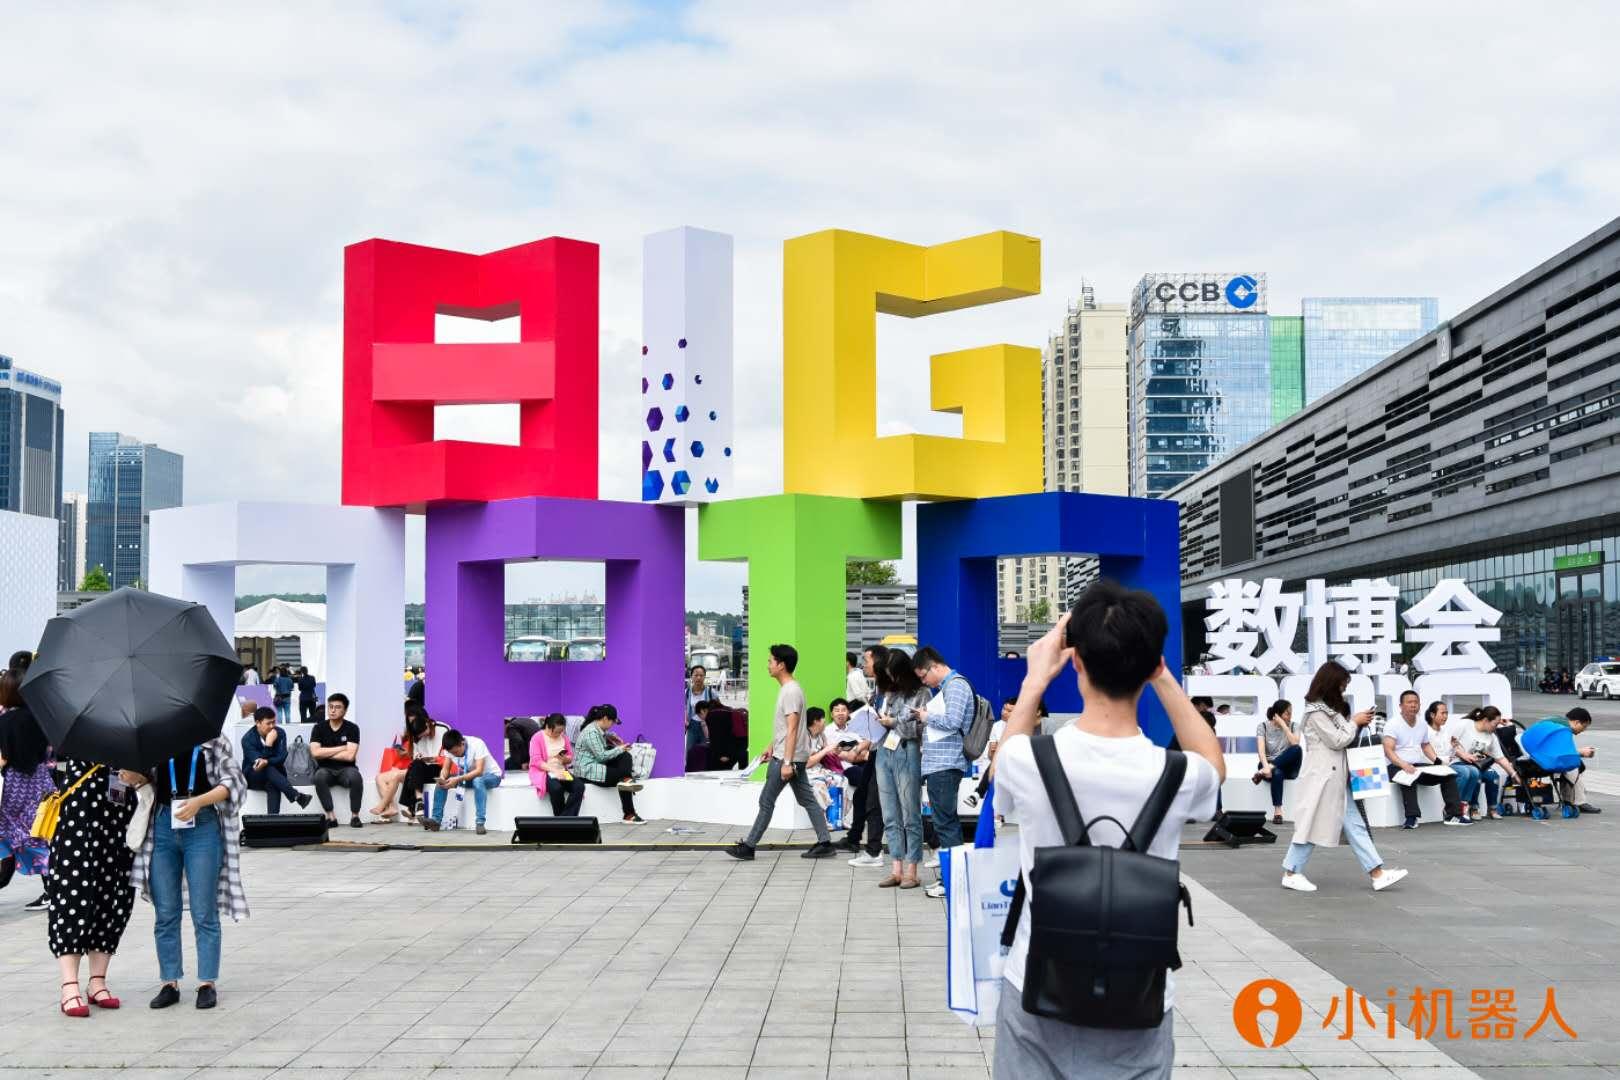 小i机器人多种设备服务2019数博会 携最新成果亮相